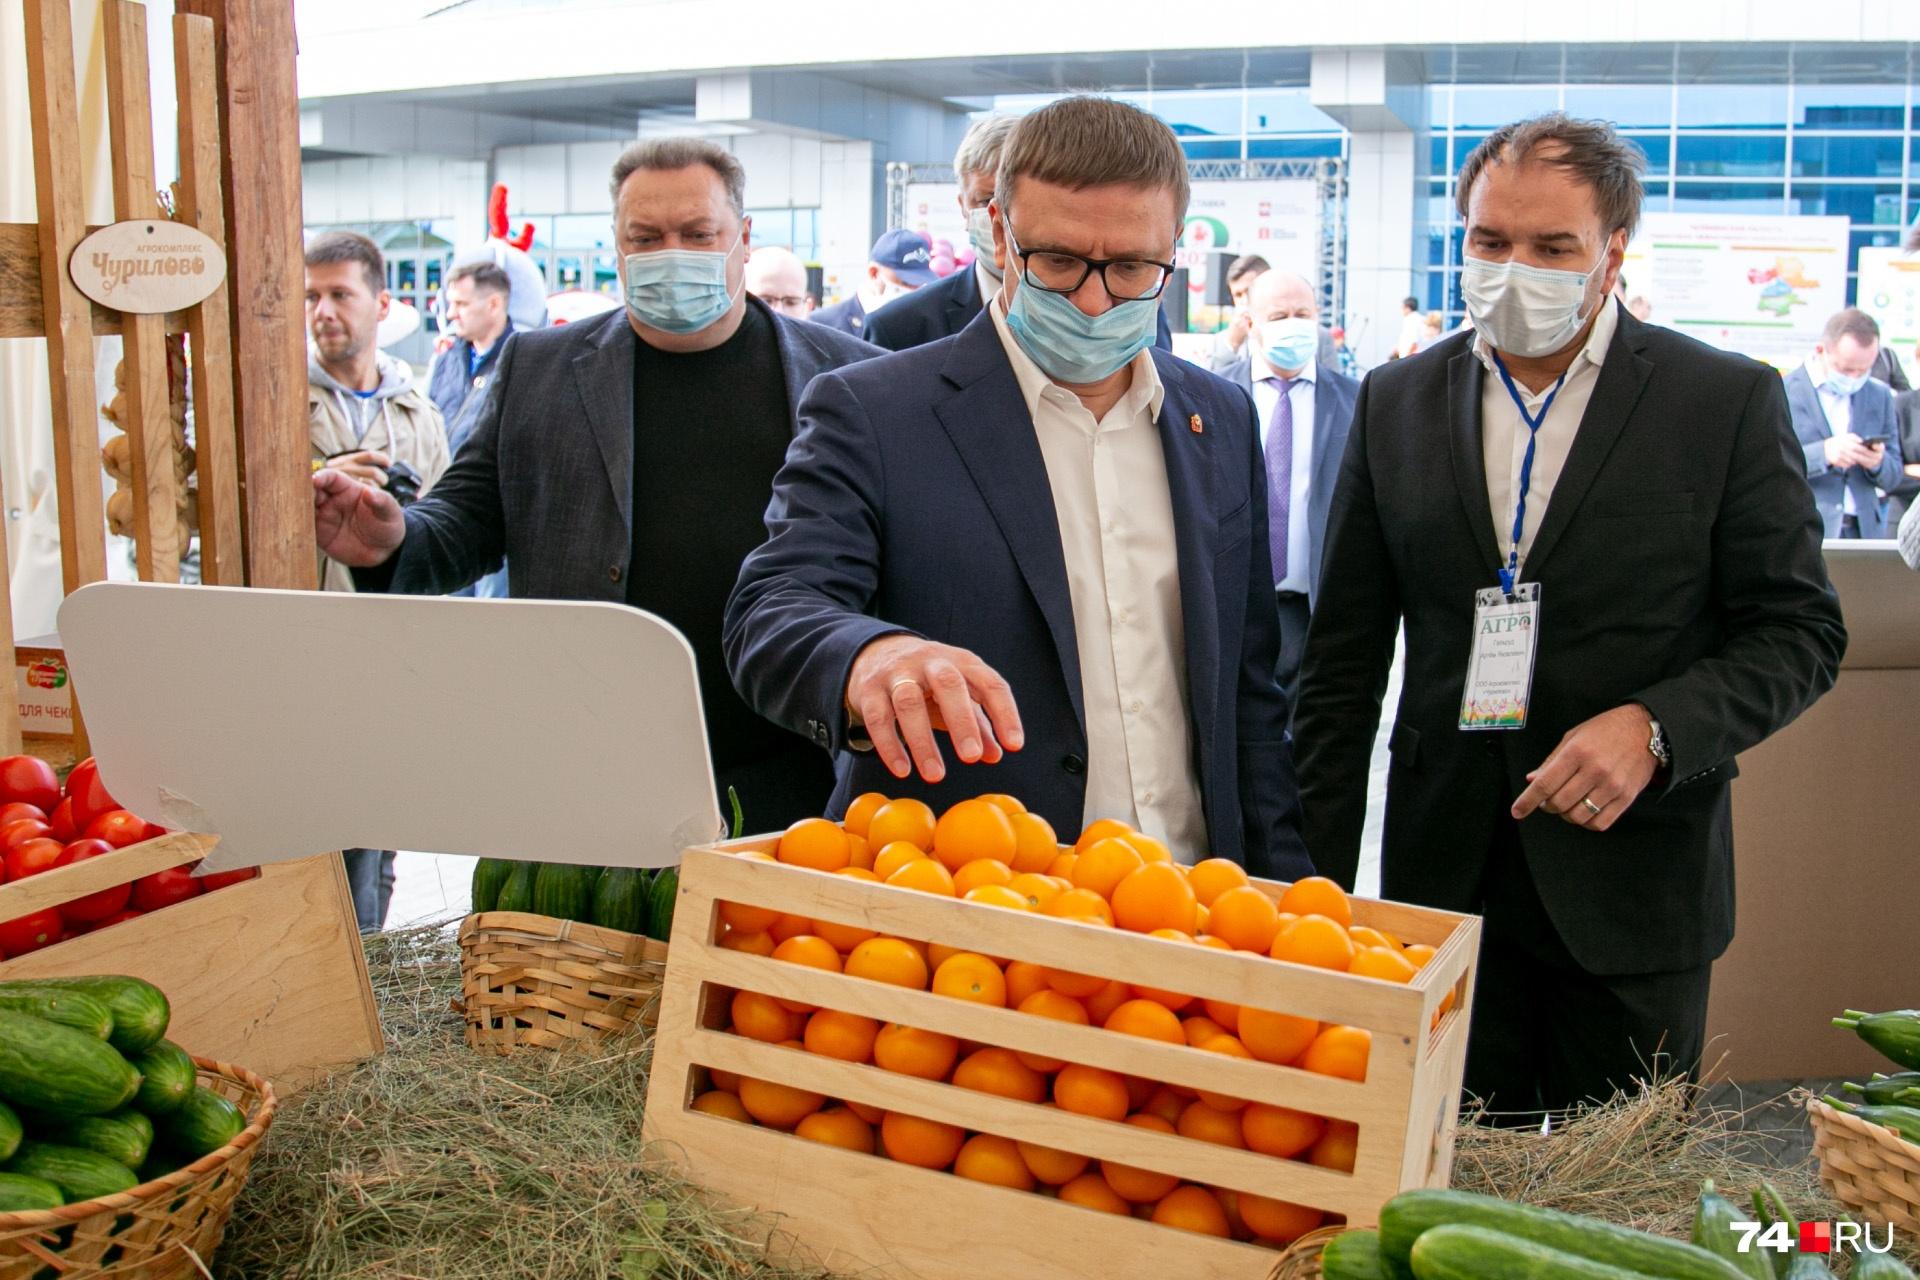 Спорим, вы подумали, что это мандарины? На самом деле помидоры (чуриловские)